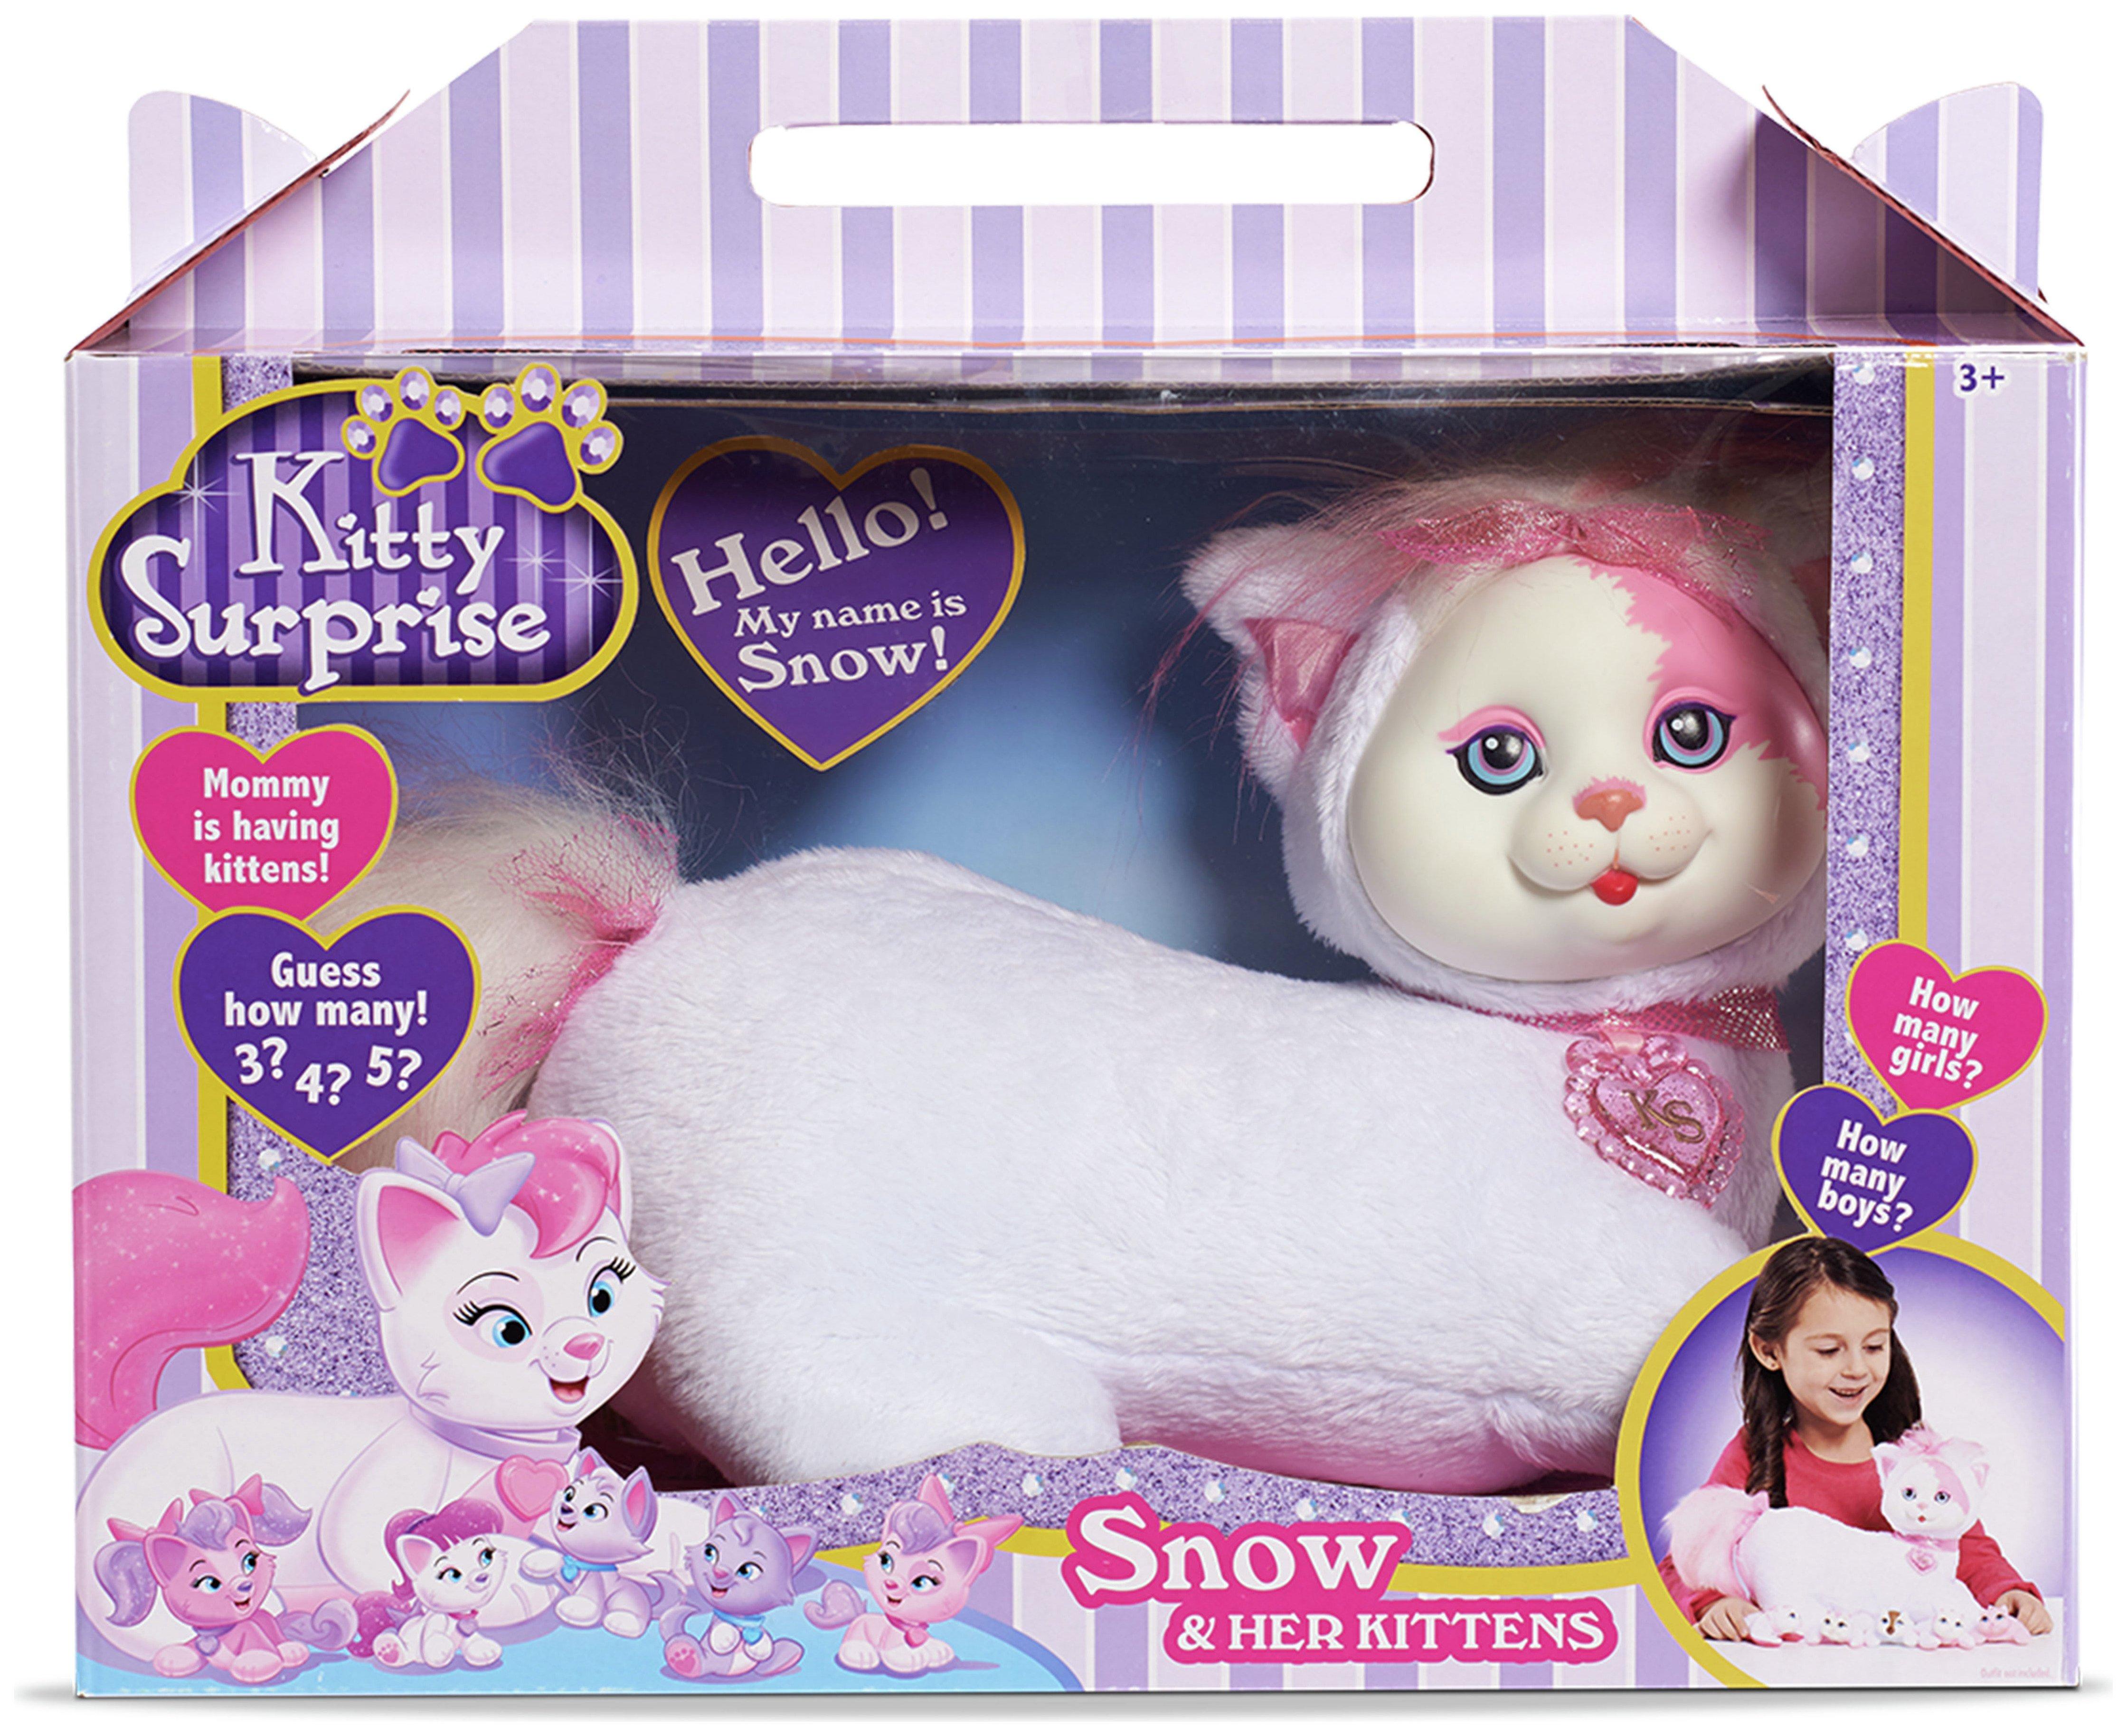 Kitty Surprise Assortment